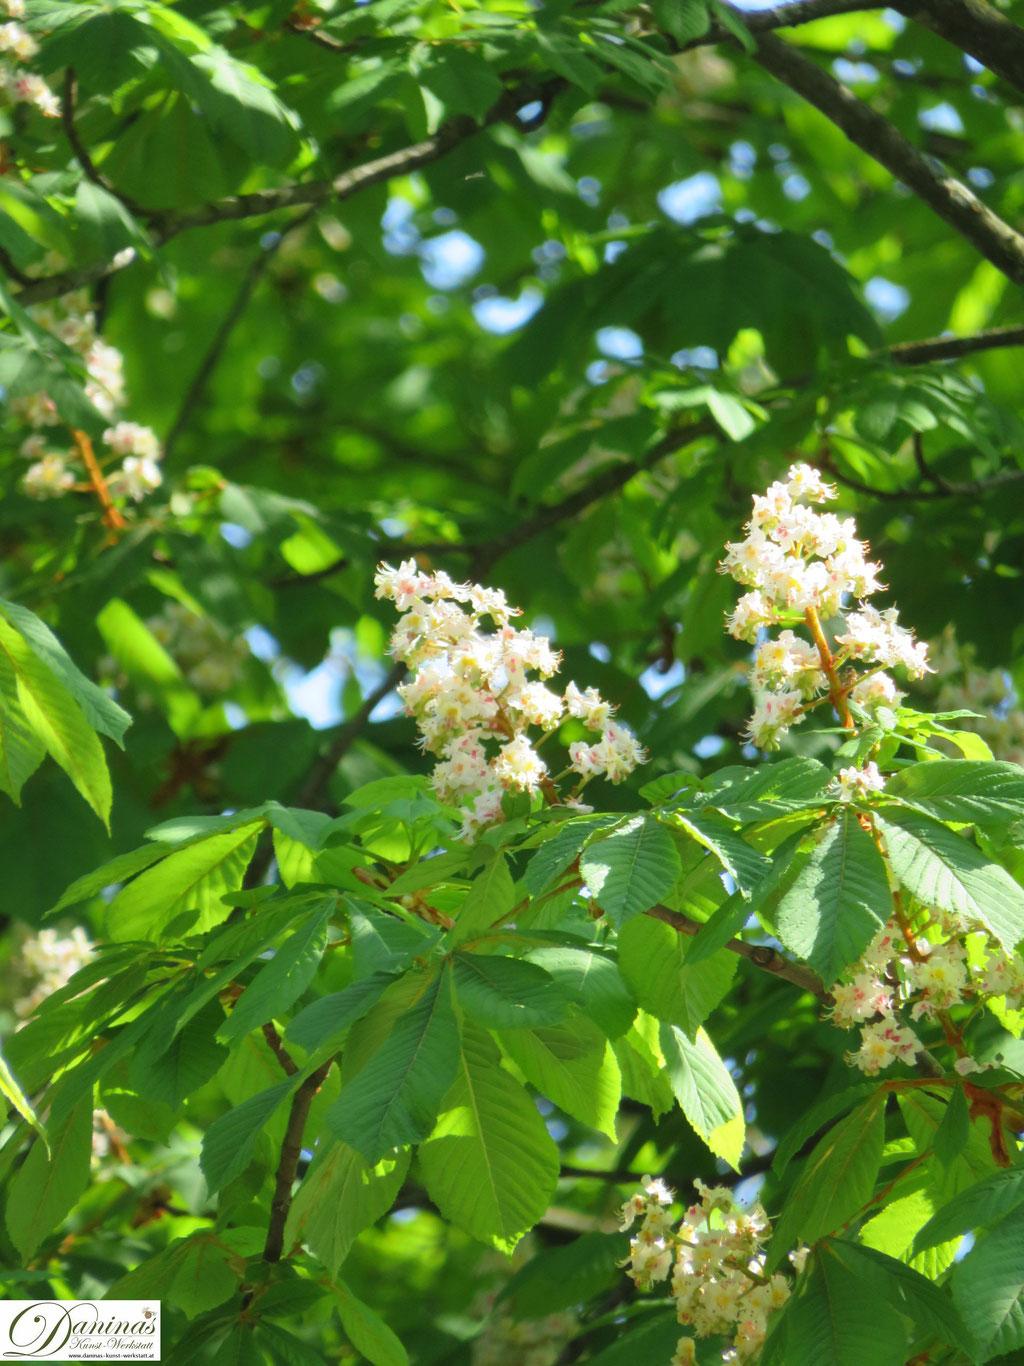 Kastanienbaum Blüte weiß - Garten Impressionen im Frühsommer by Daninas-Kunst-Werkstatt.at